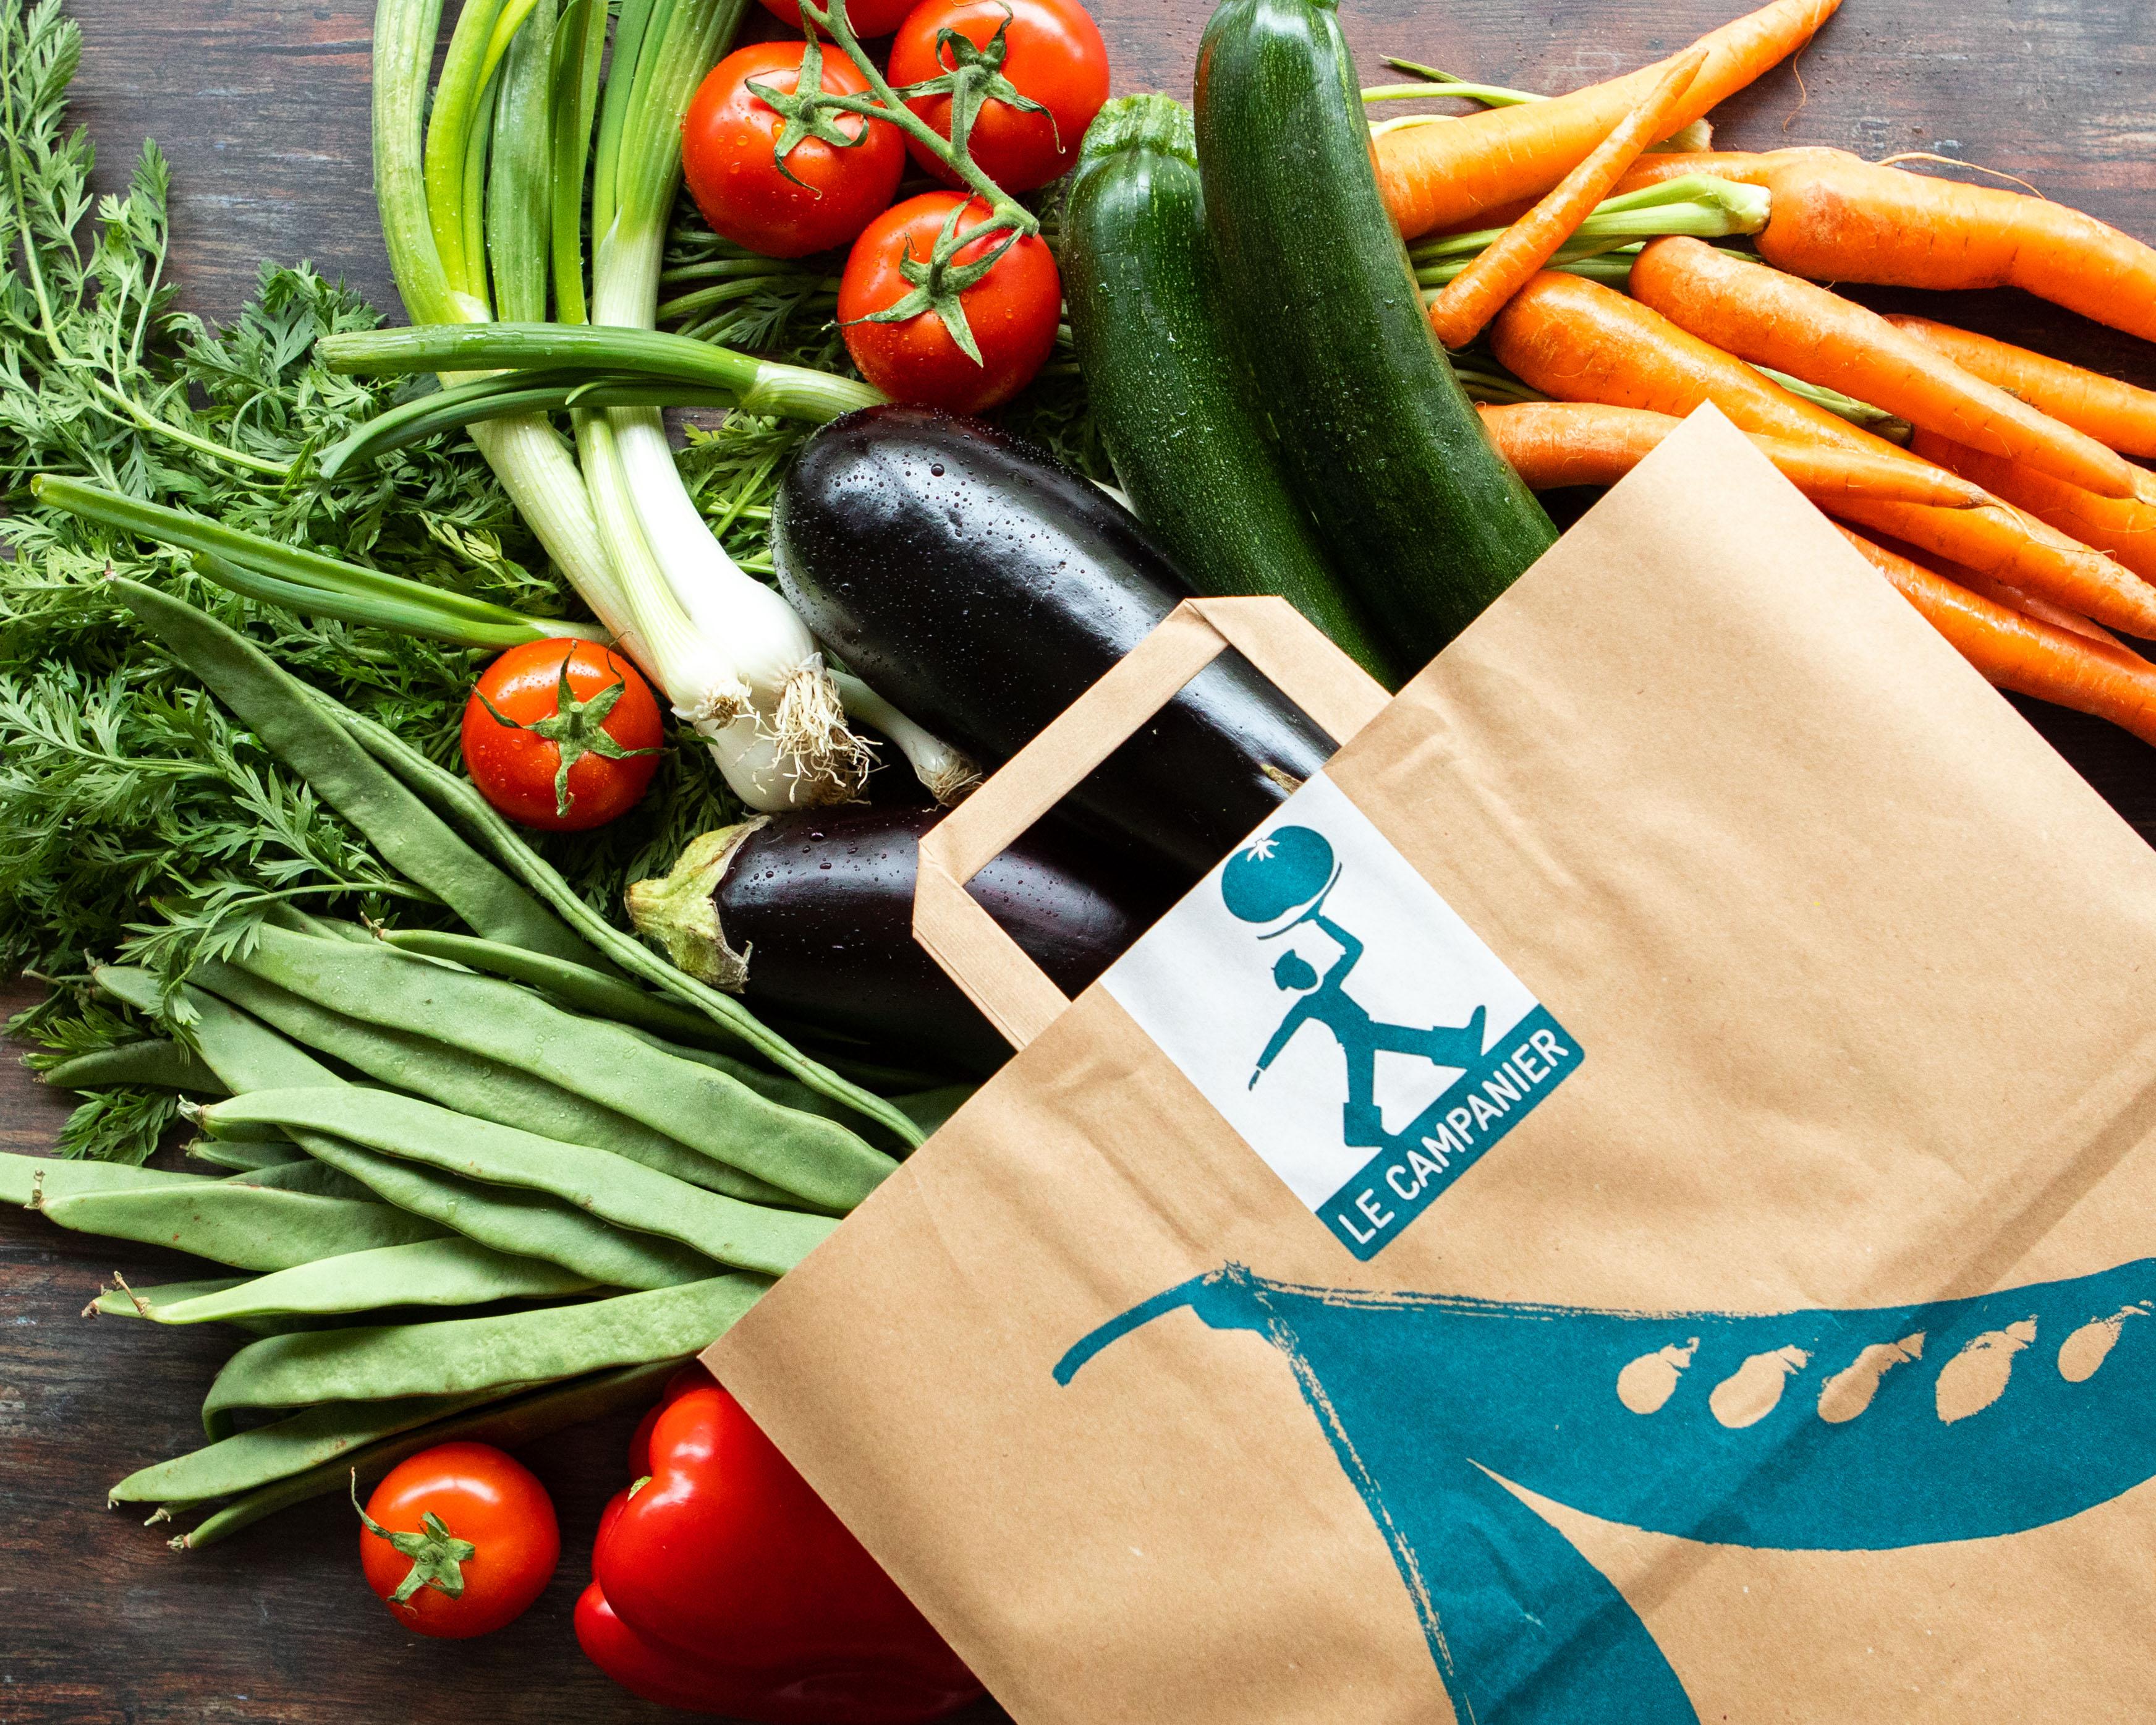 Sac de légumes bio : courgettes, carottes, aubergines, haricots plats, oignons blancs et tomates